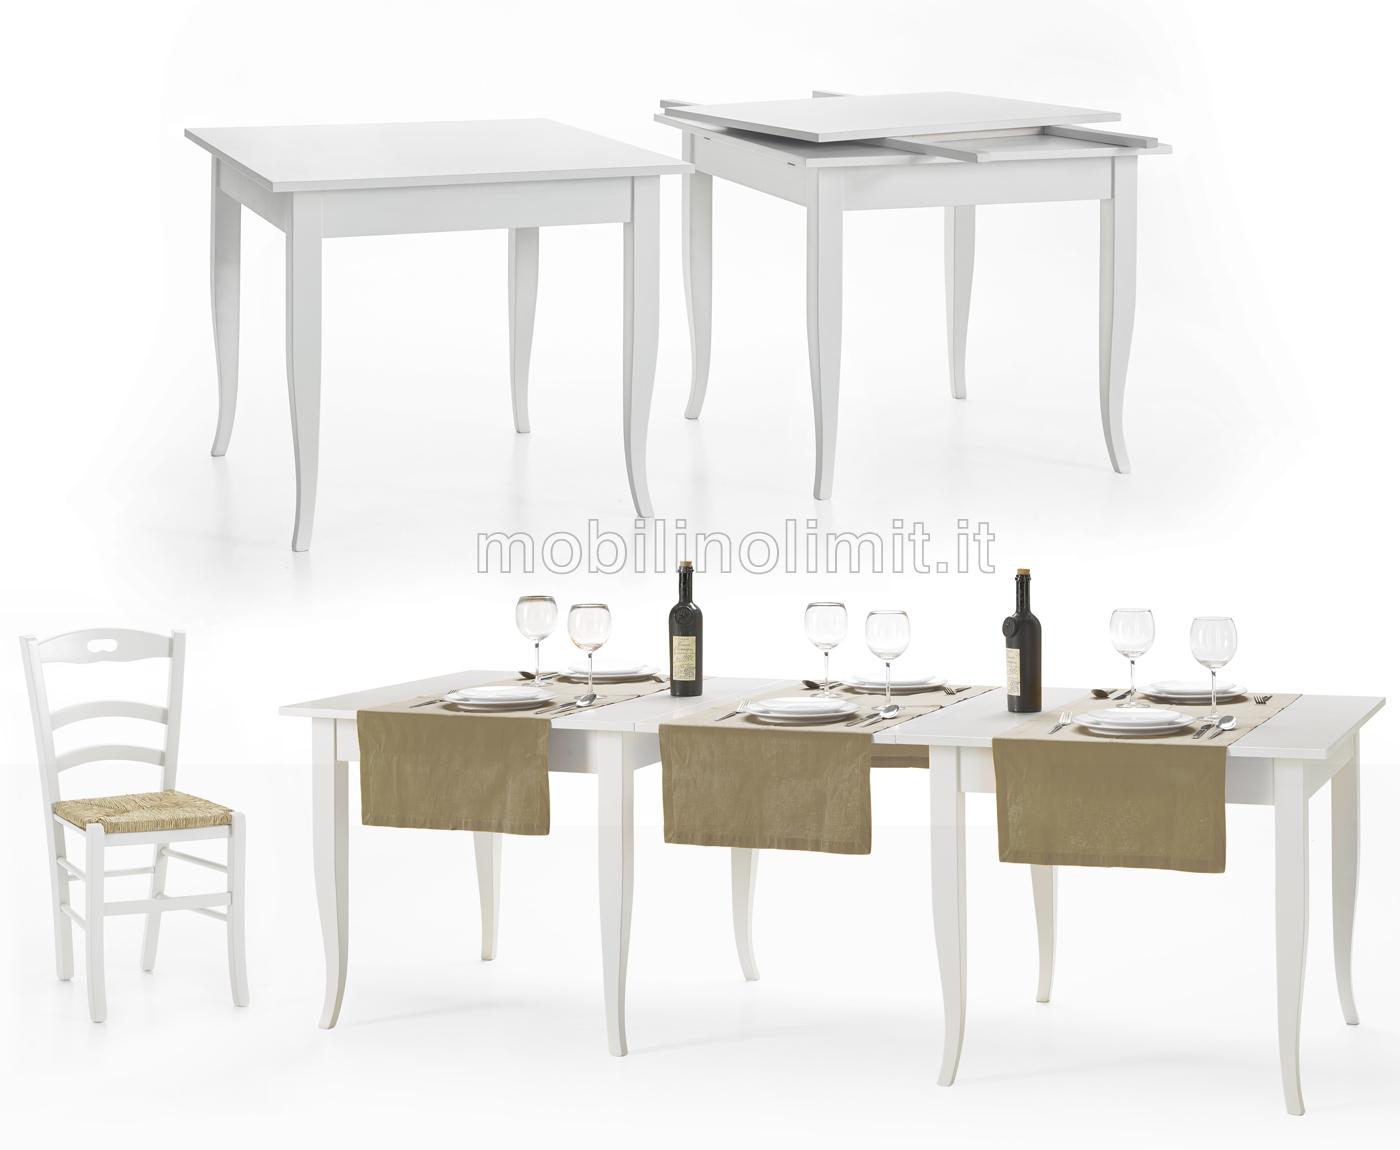 Tavolo fisso 90x90 bianco opaco for Costo del solarium per piede quadrato